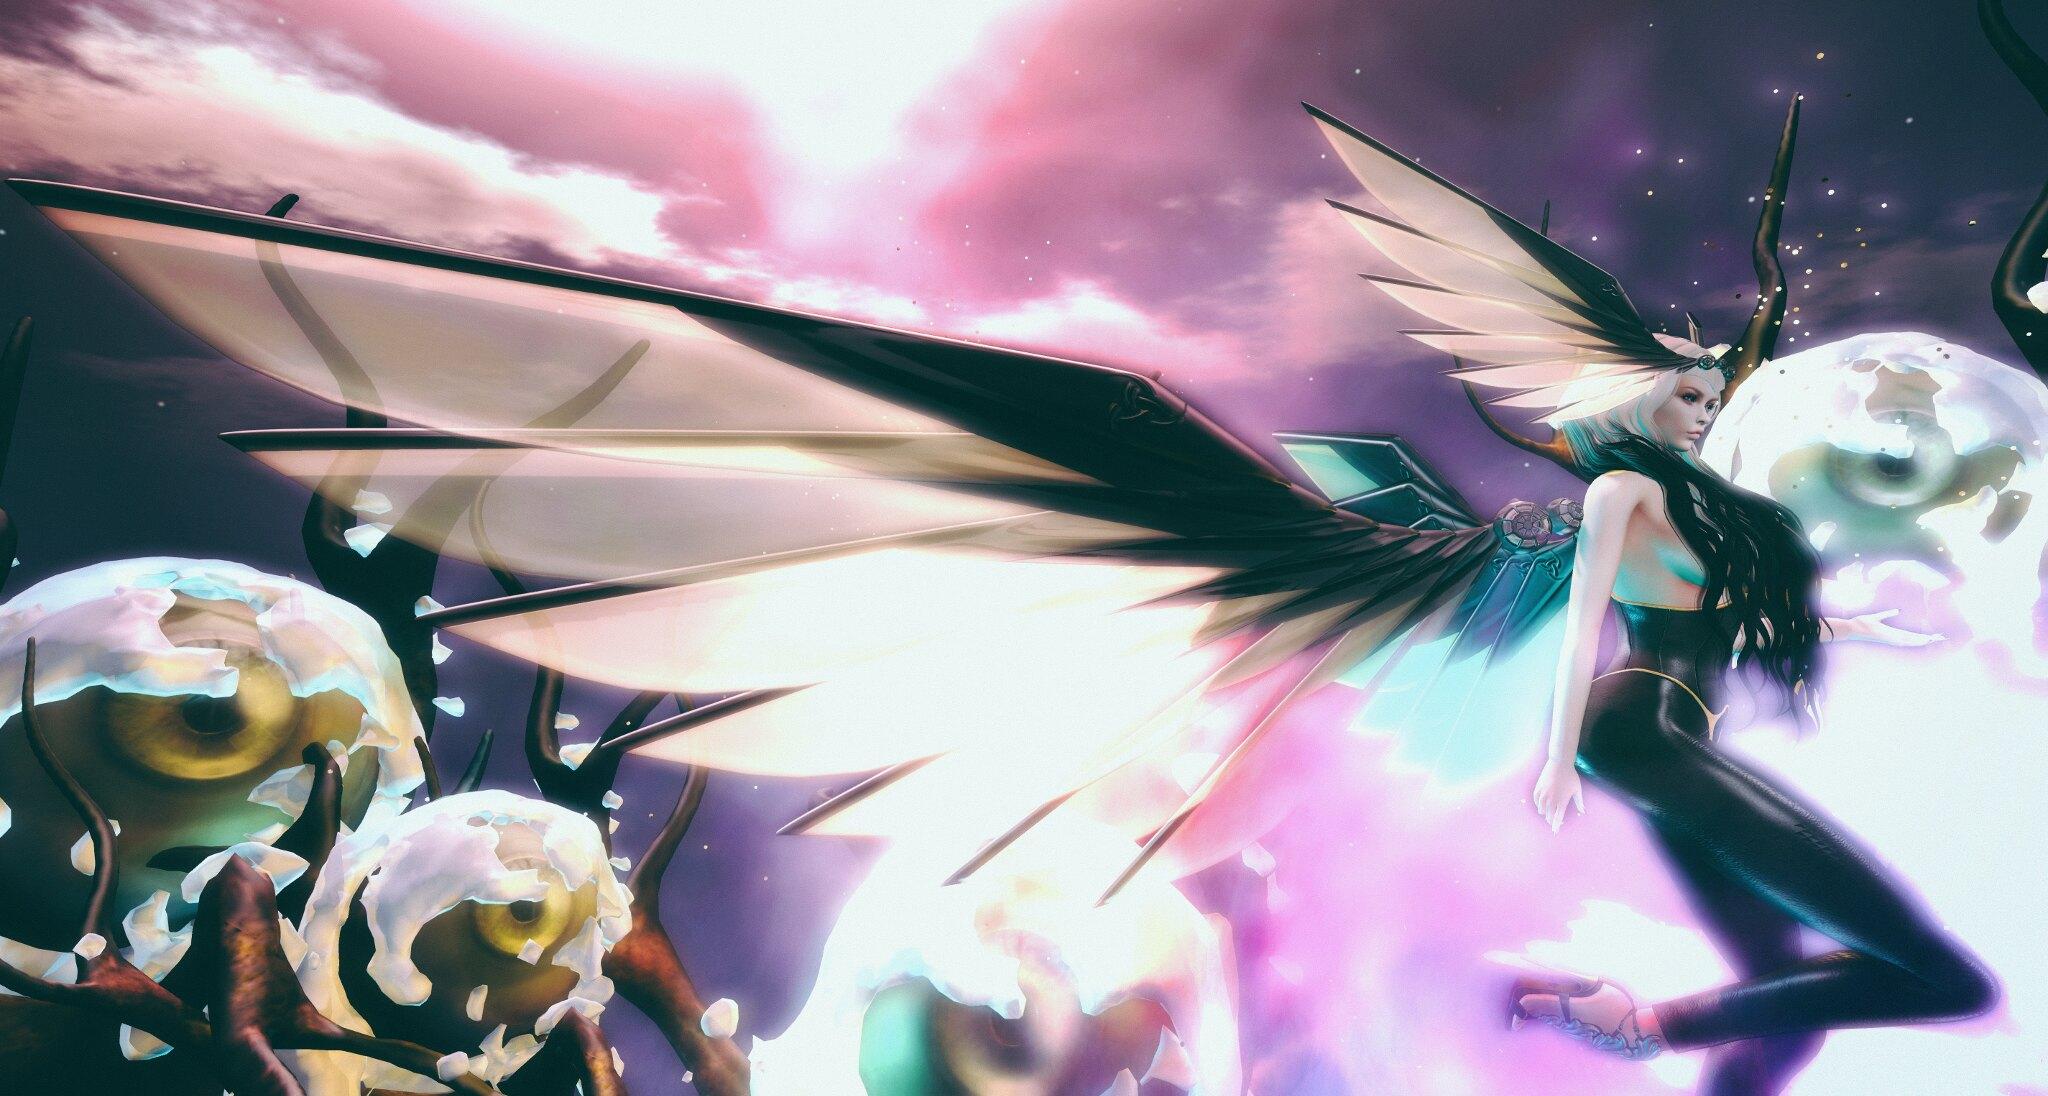 E.V.E Asgard Wings and Headpiece